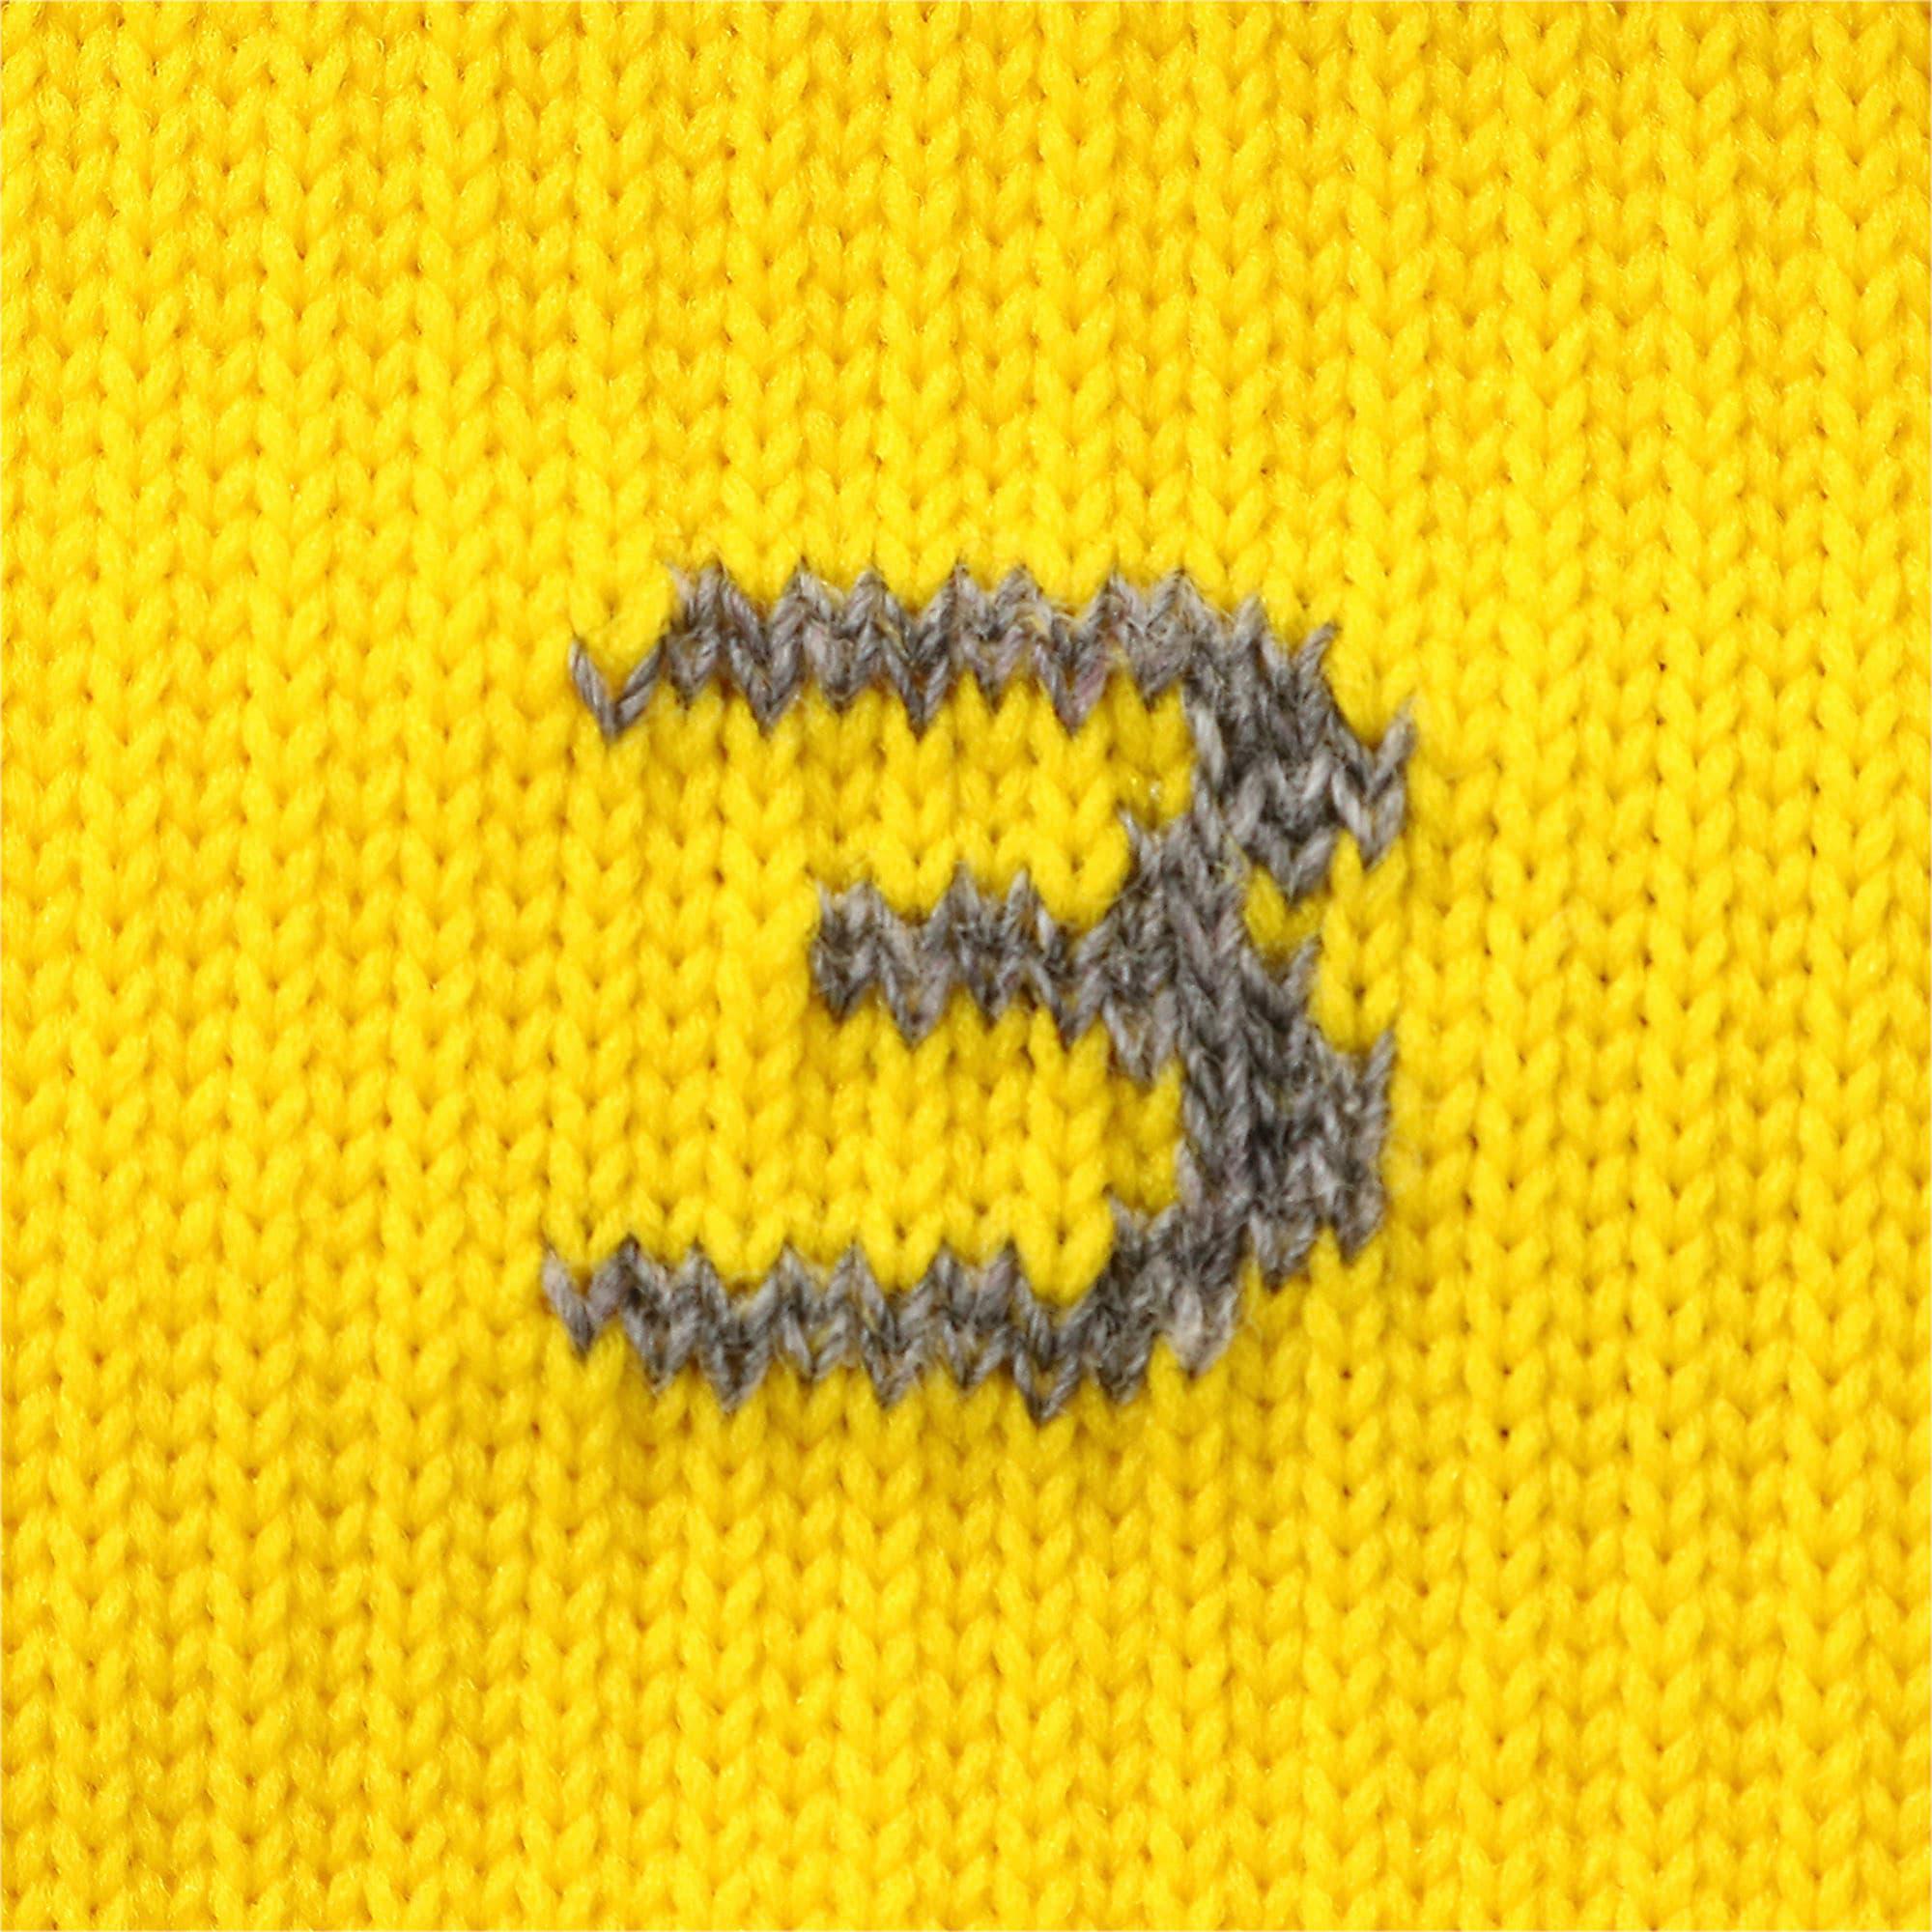 Thumbnail 8 of ドルトムント BVB スパイラル ストッキング, Cyber Yellow-Puma Black, medium-JPN